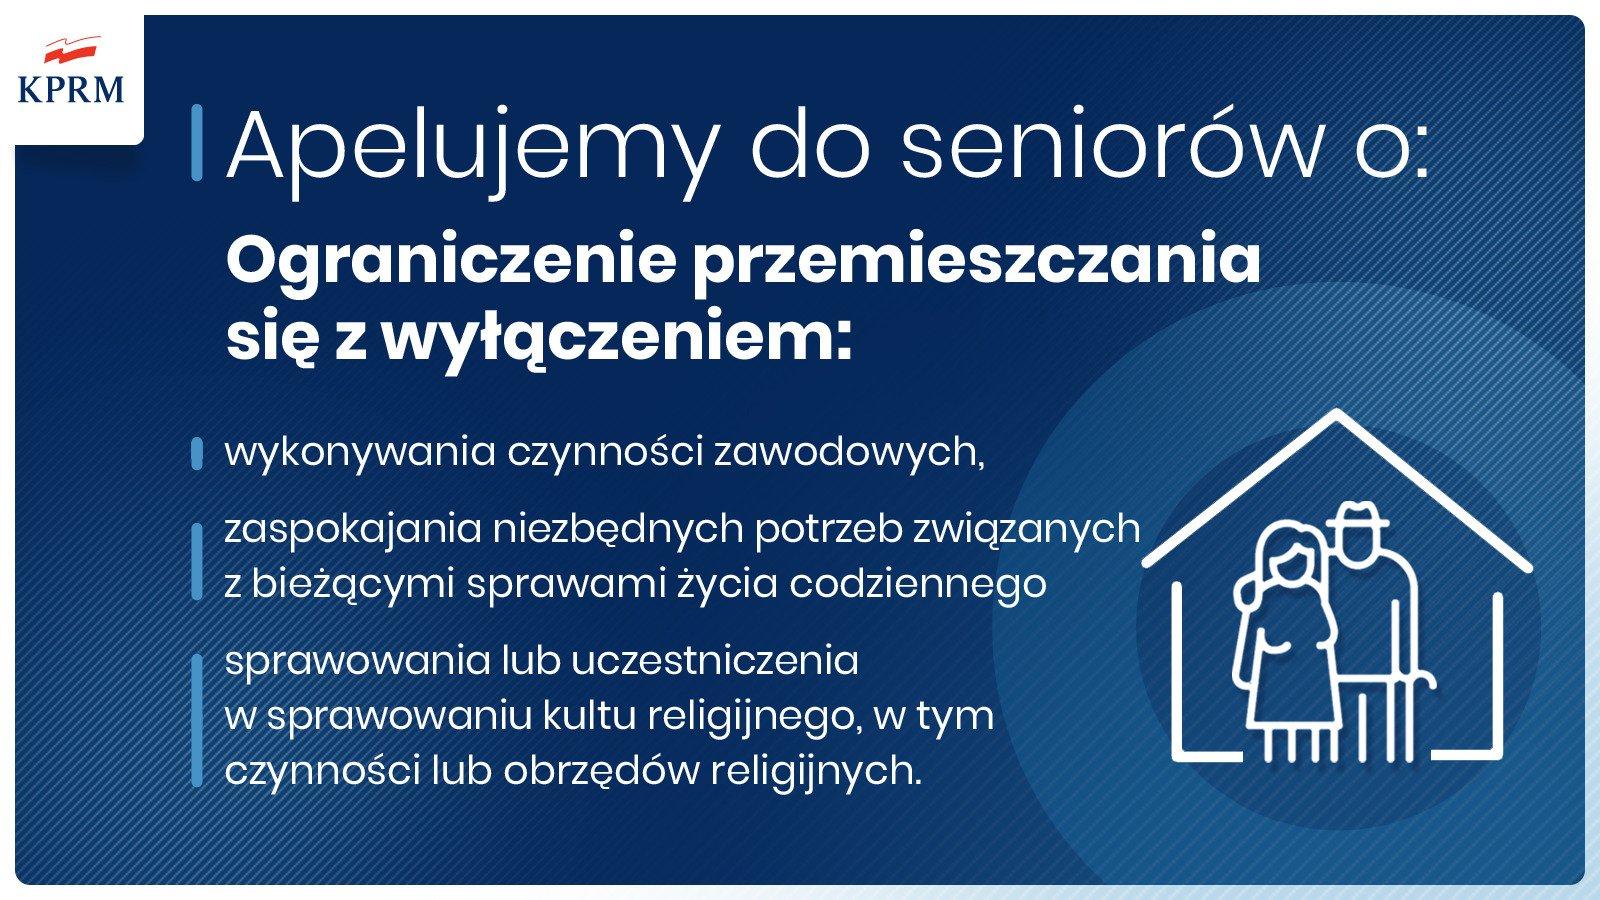 Apel do seniorów, by zostali w domu.